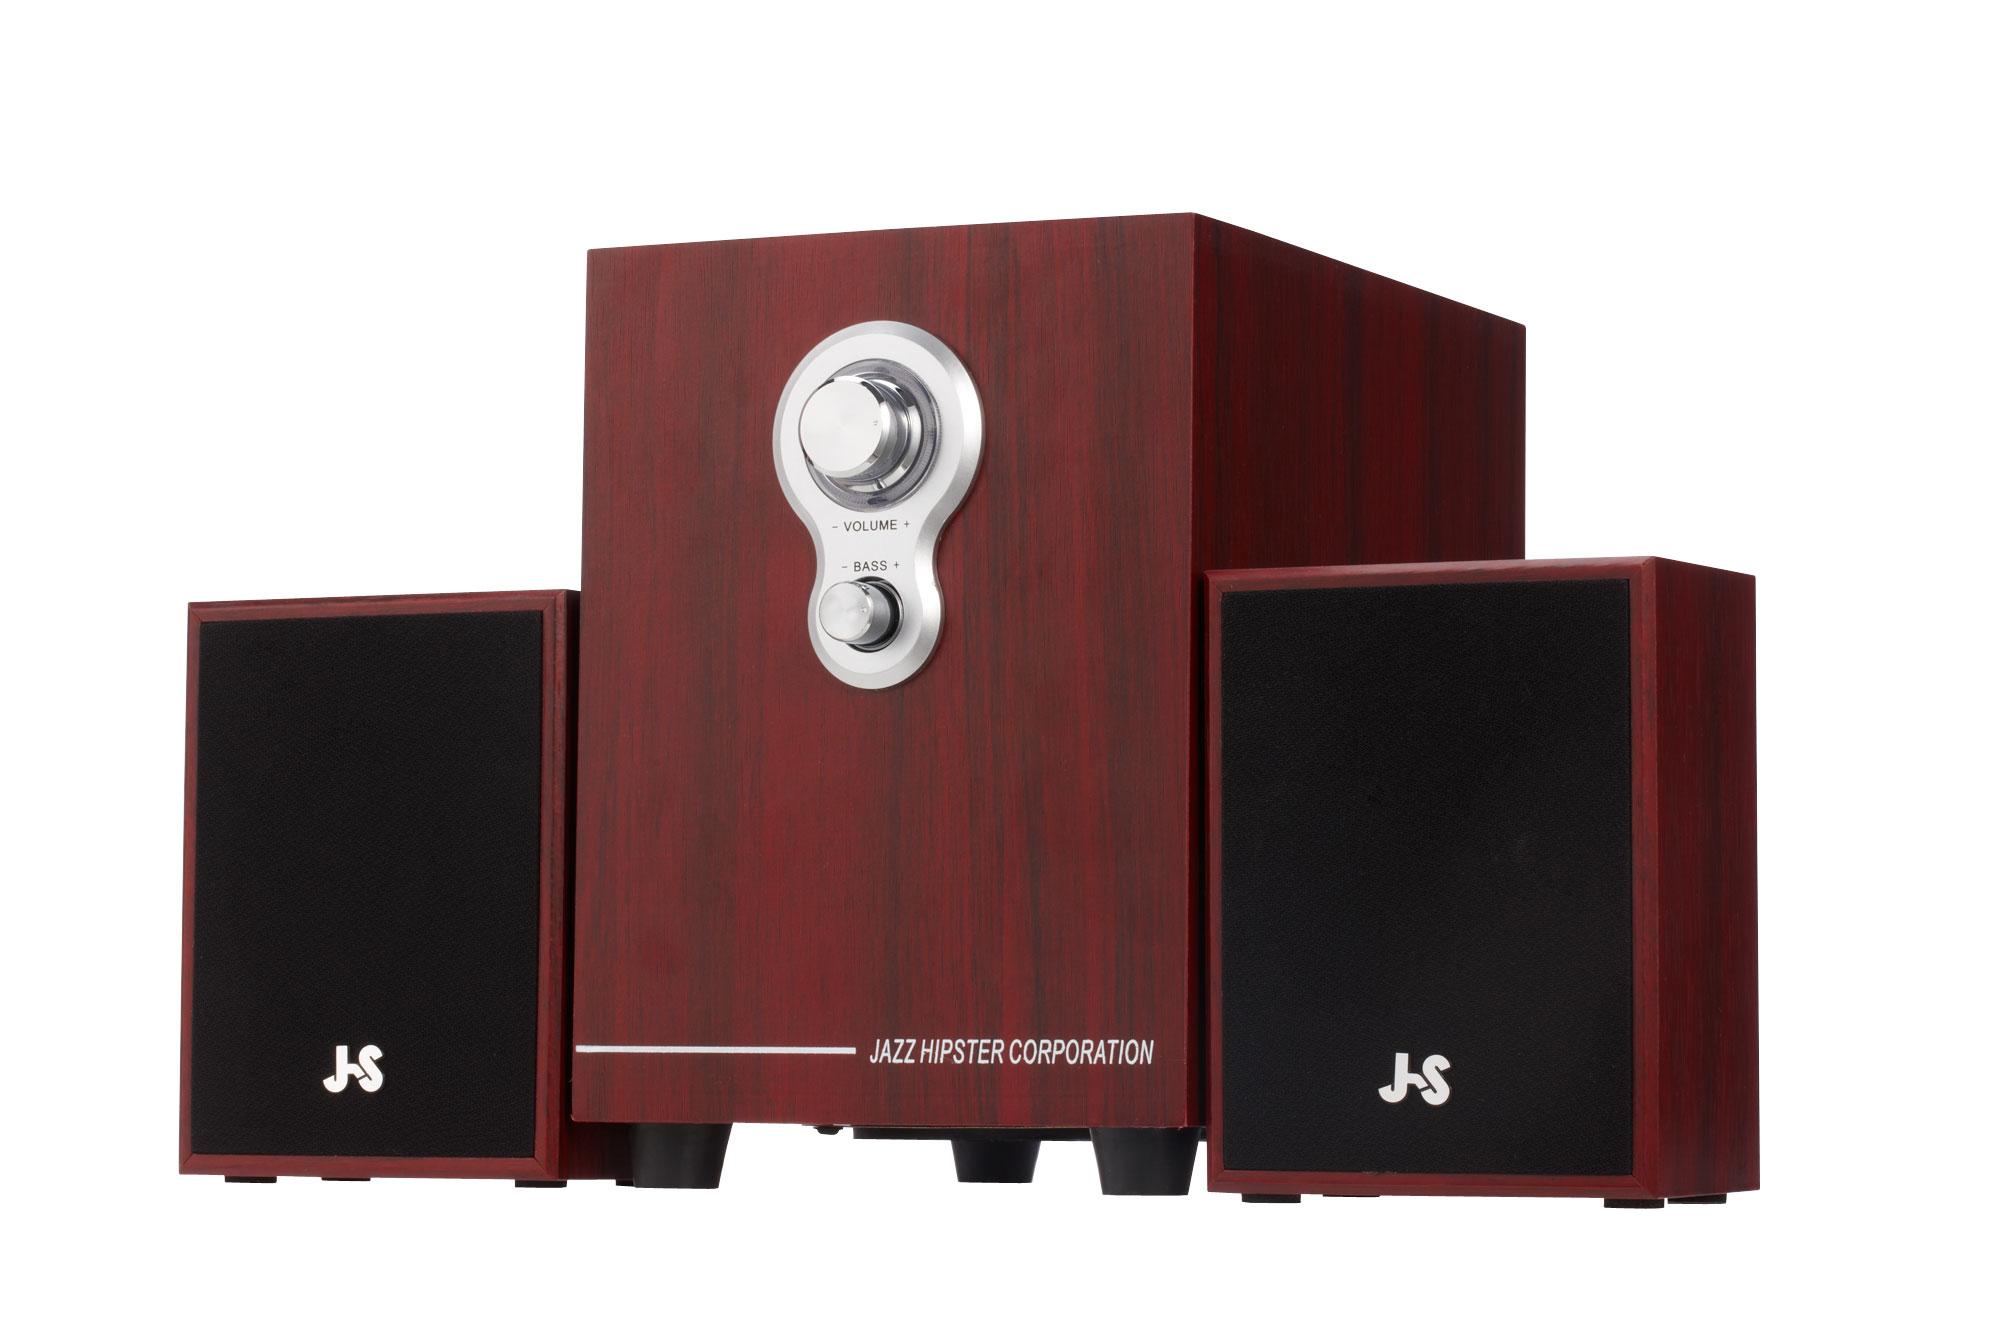 【迪特軍3C】JS JY3080 全木質多媒體喇叭 4吋重低音 可讀取USB/SD 主音量+低音旋鈕